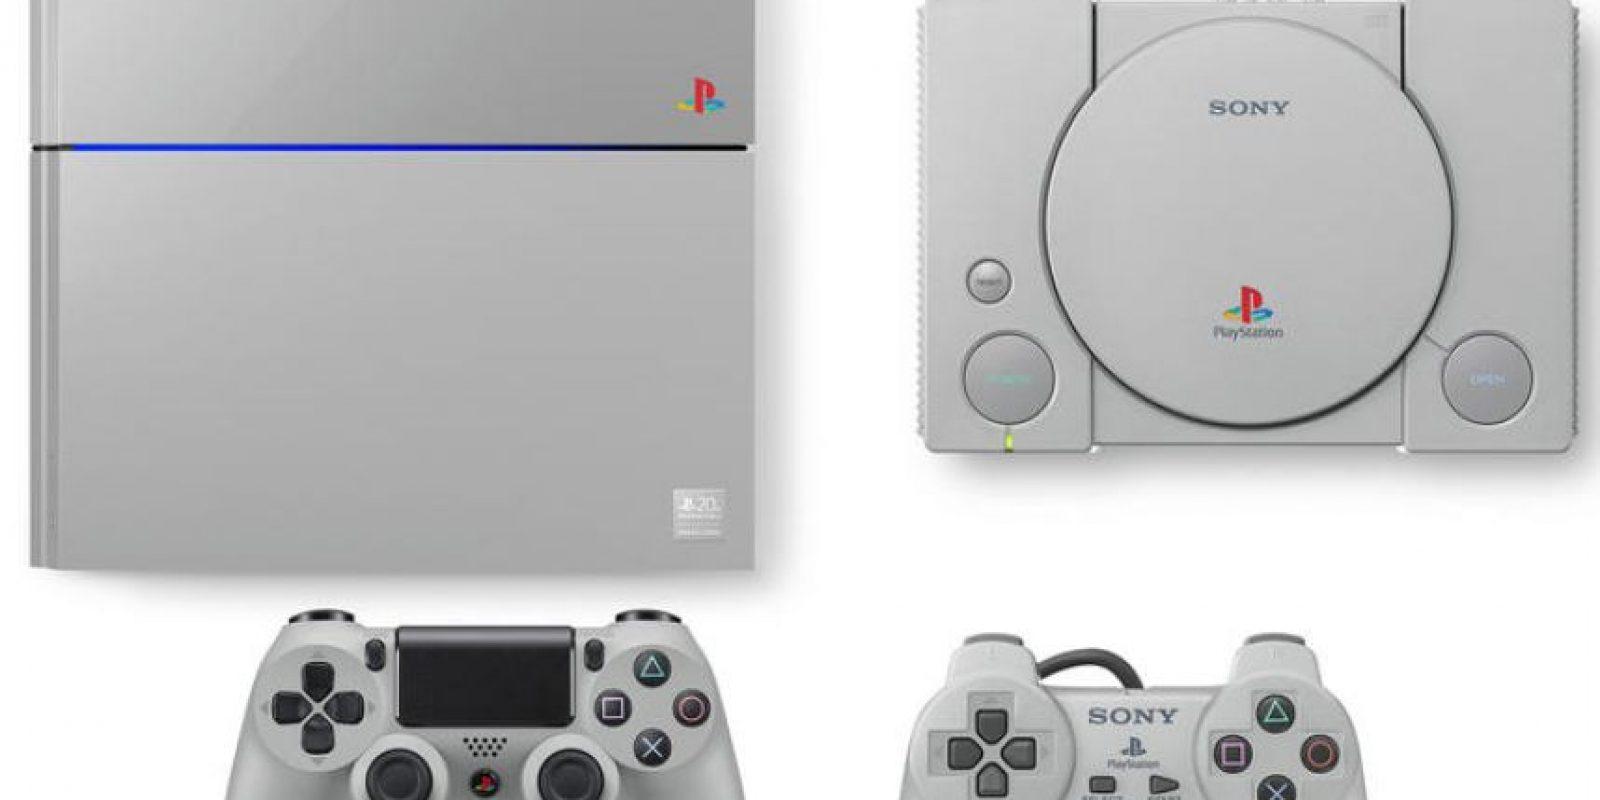 Para el vigésimo aniversario de la consola, la compañía lanzará una versión de su nueva plataforma, la Playstation4, muy parecida a la primera consola de 1994 Foto:Playstation